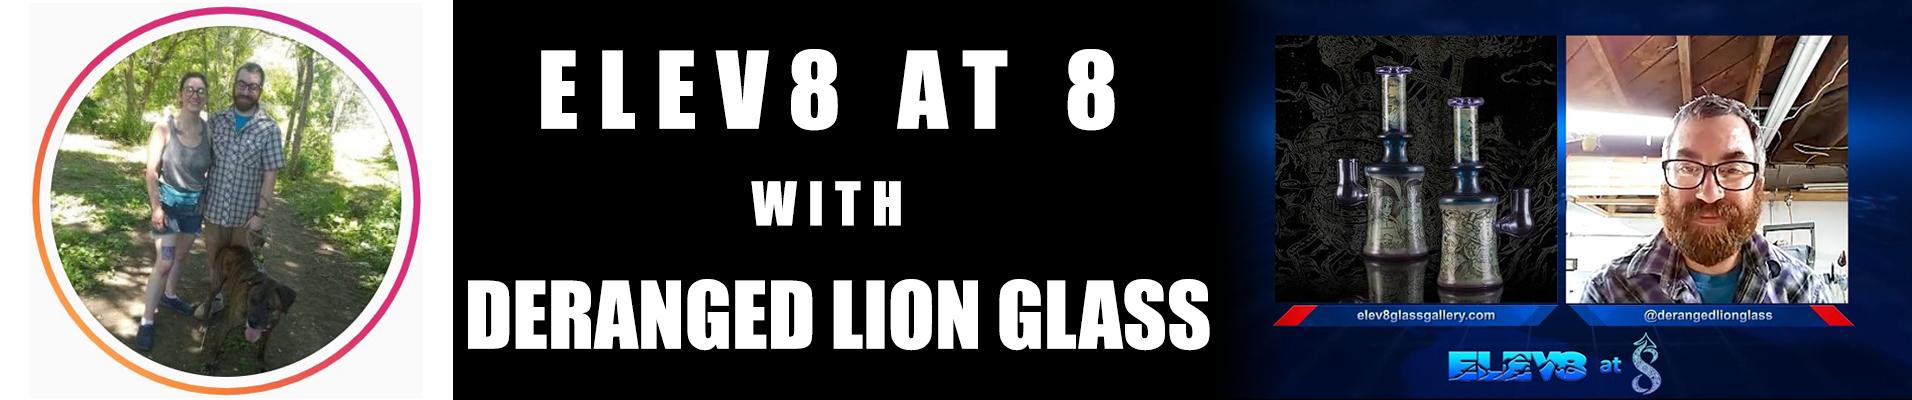 deranged-lion-glass-banner.jpg